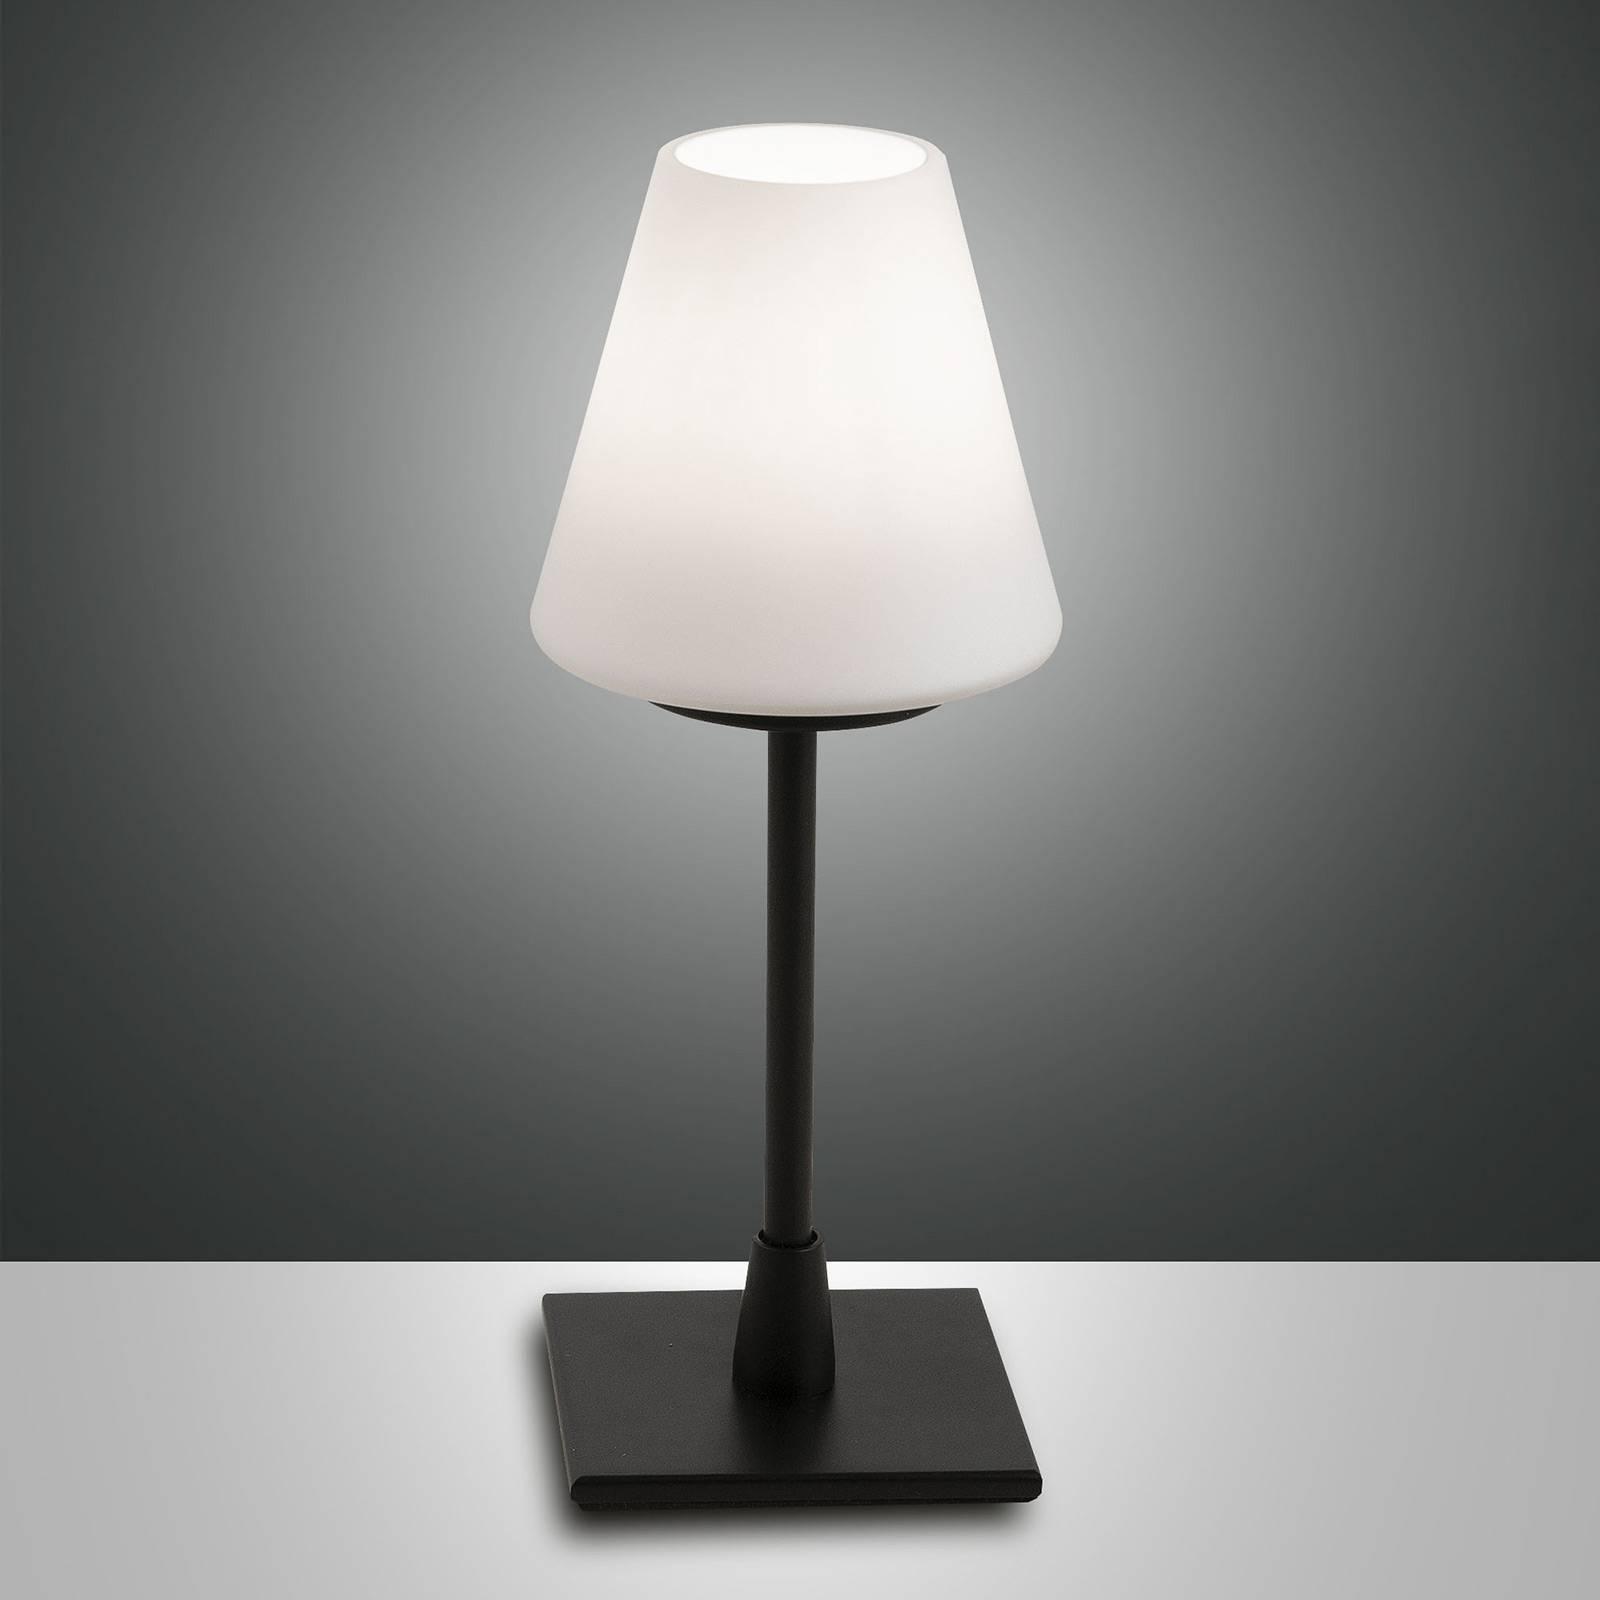 LED-Tischleuchte Lucy mit Touchdimmer, schwarz